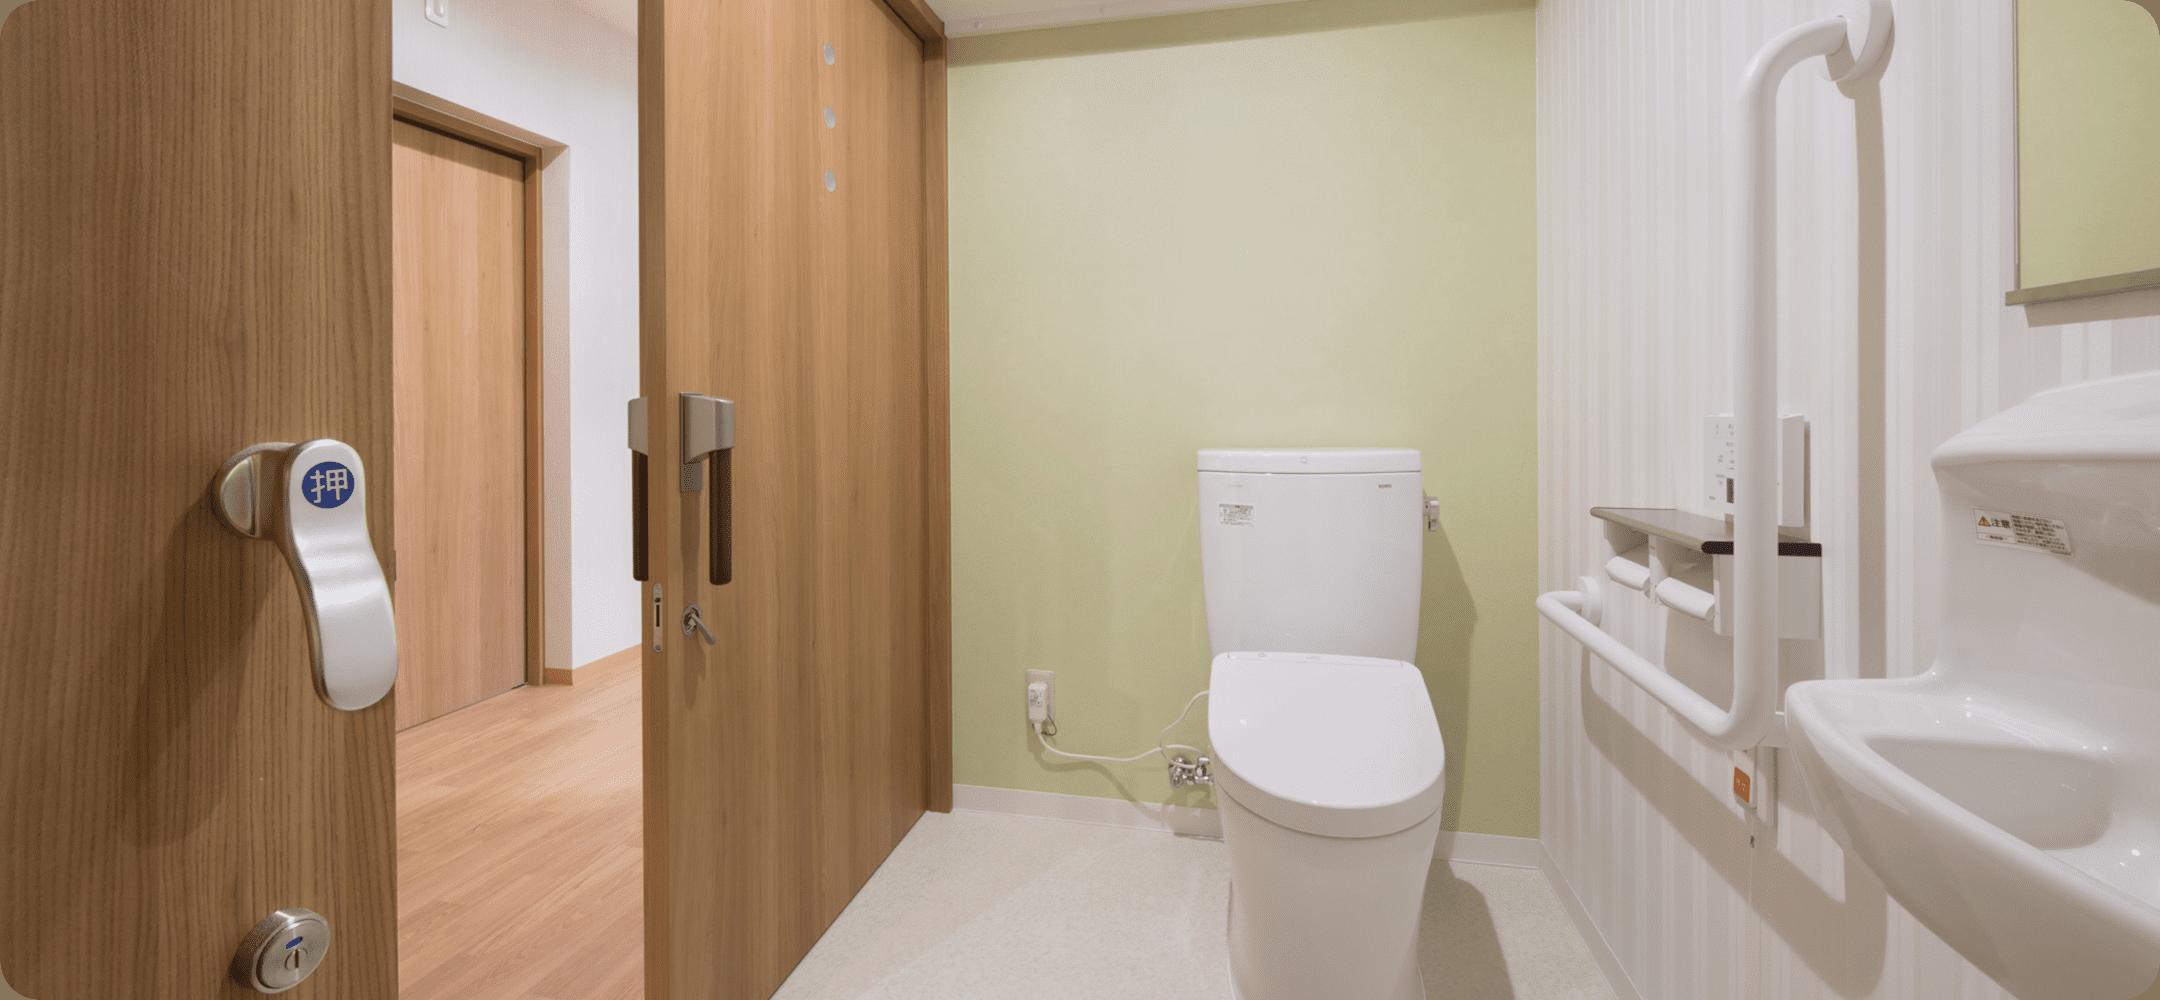 たまふれあいの家トイレ